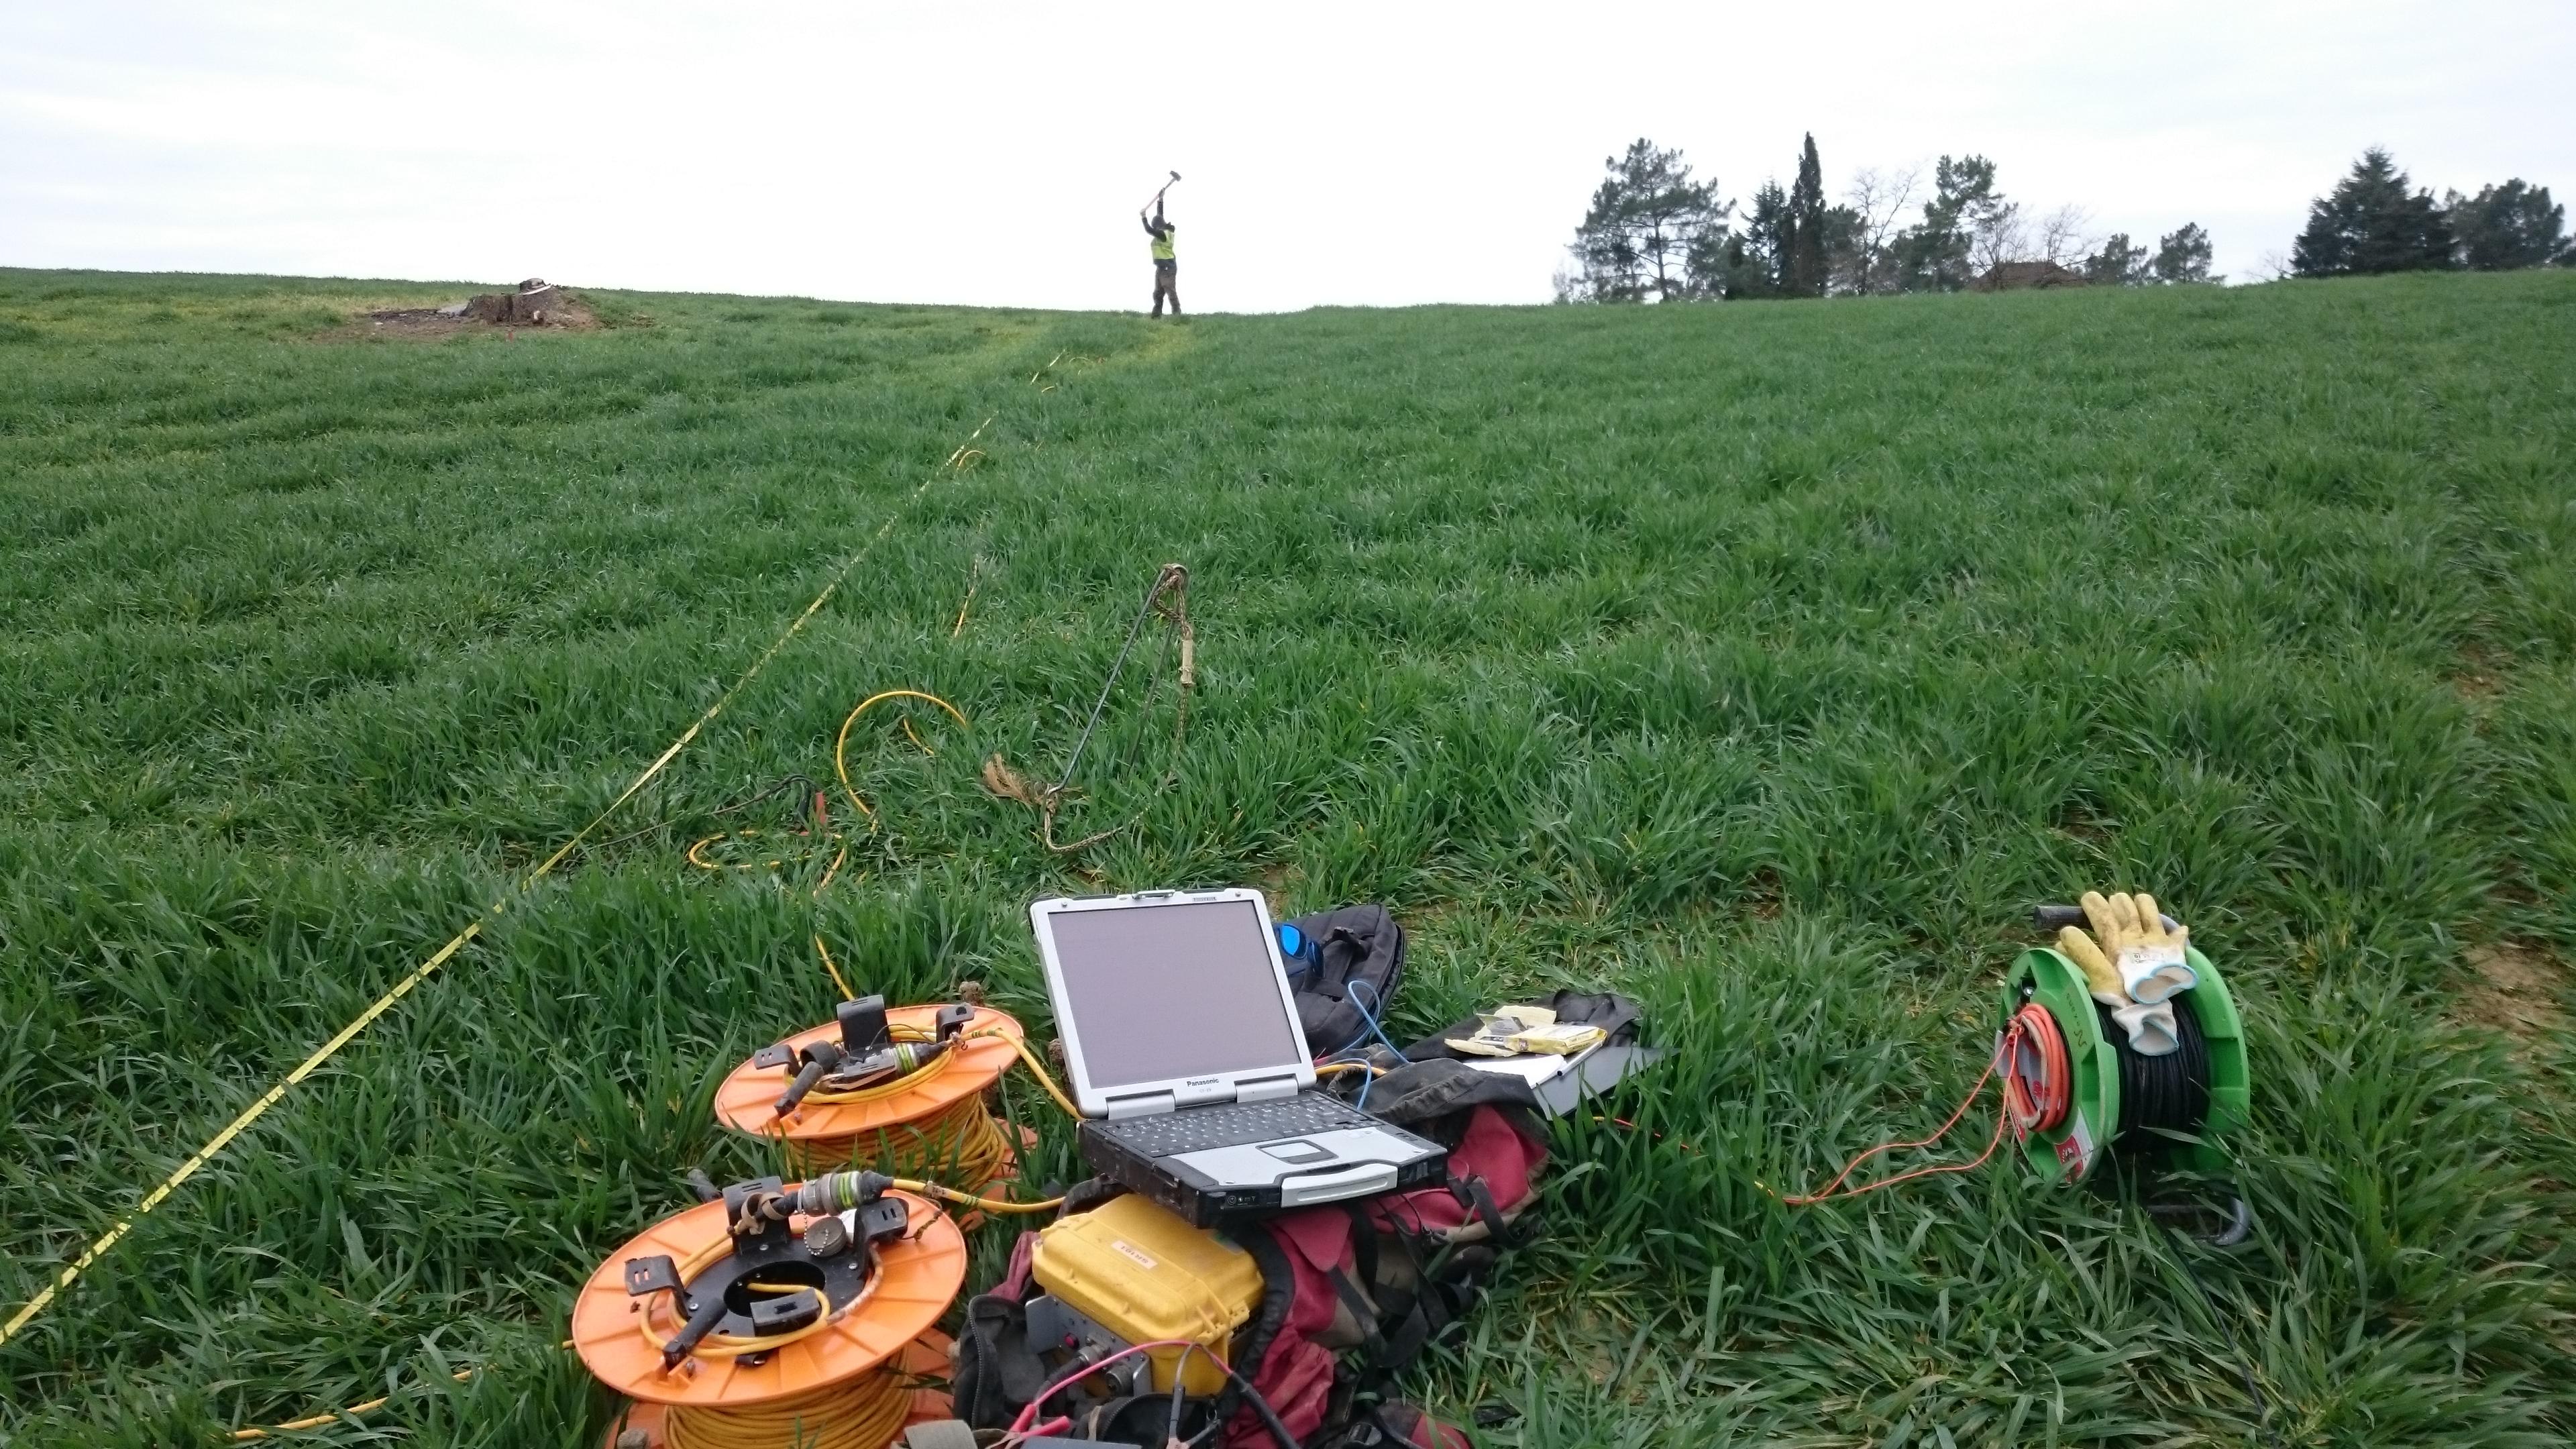 Dans le cadre de la déviation d'une conduite de Gaz (TIGF) DN80, Monbalen Ouest – Villeneuve Sur Lot (47),  ArkoGéos a procédé à une auscultation géophysique par méthodes de sismique réfraction et électromagnétisme EM31.